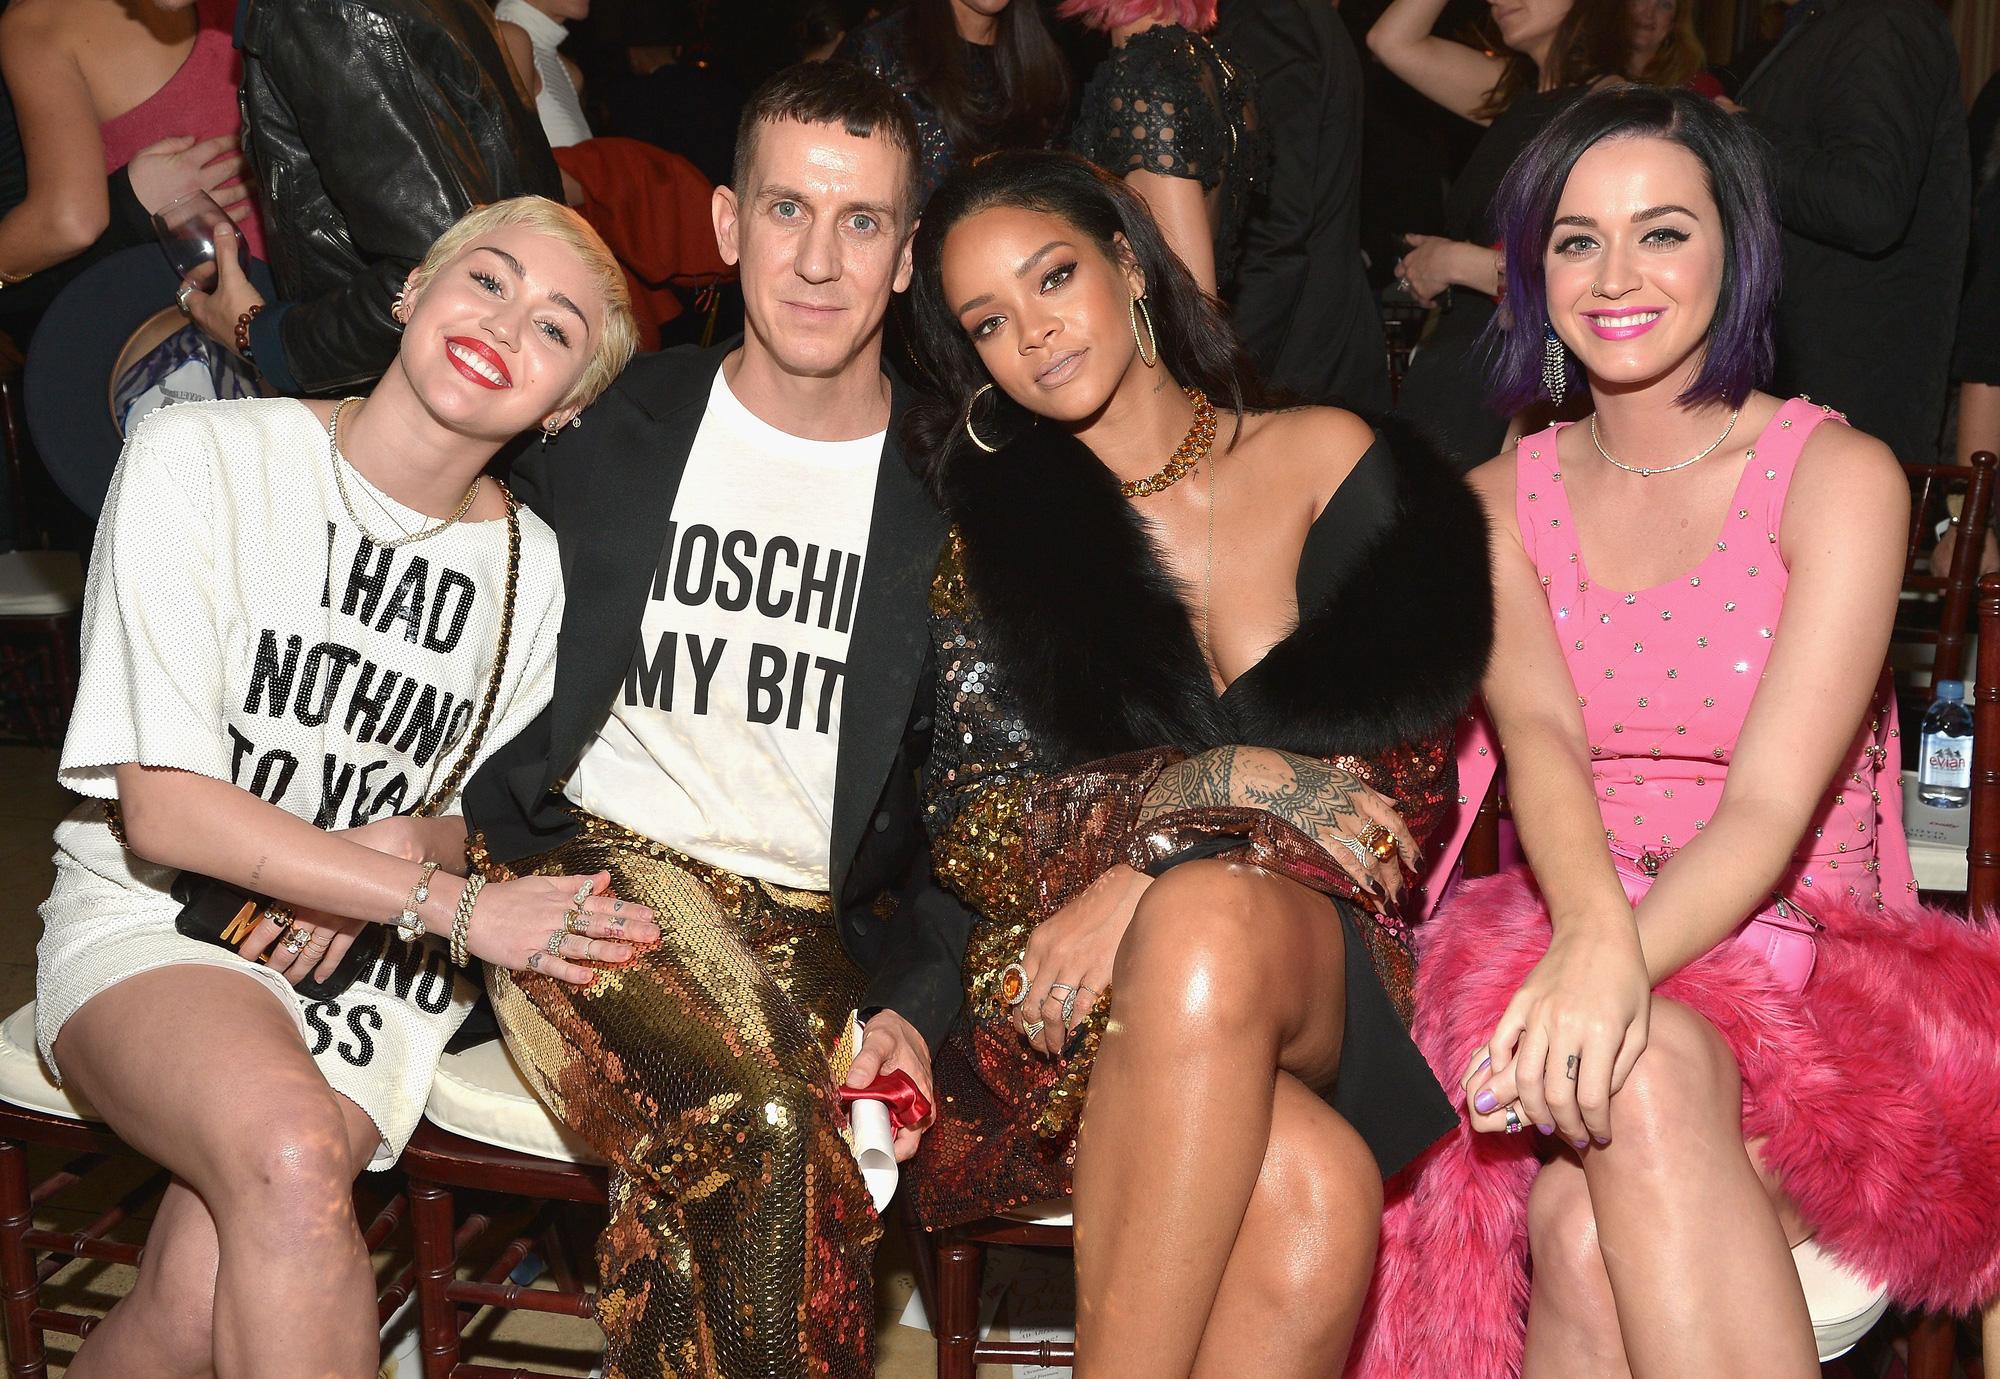 Khung hình quyền lực quy tụ toàn nhân vật máu mặt: Tỷ phú Rihanna và Kanye West chễm chệ, nhìn dàn sao ngồi cạnh mà choáng - Ảnh 4.